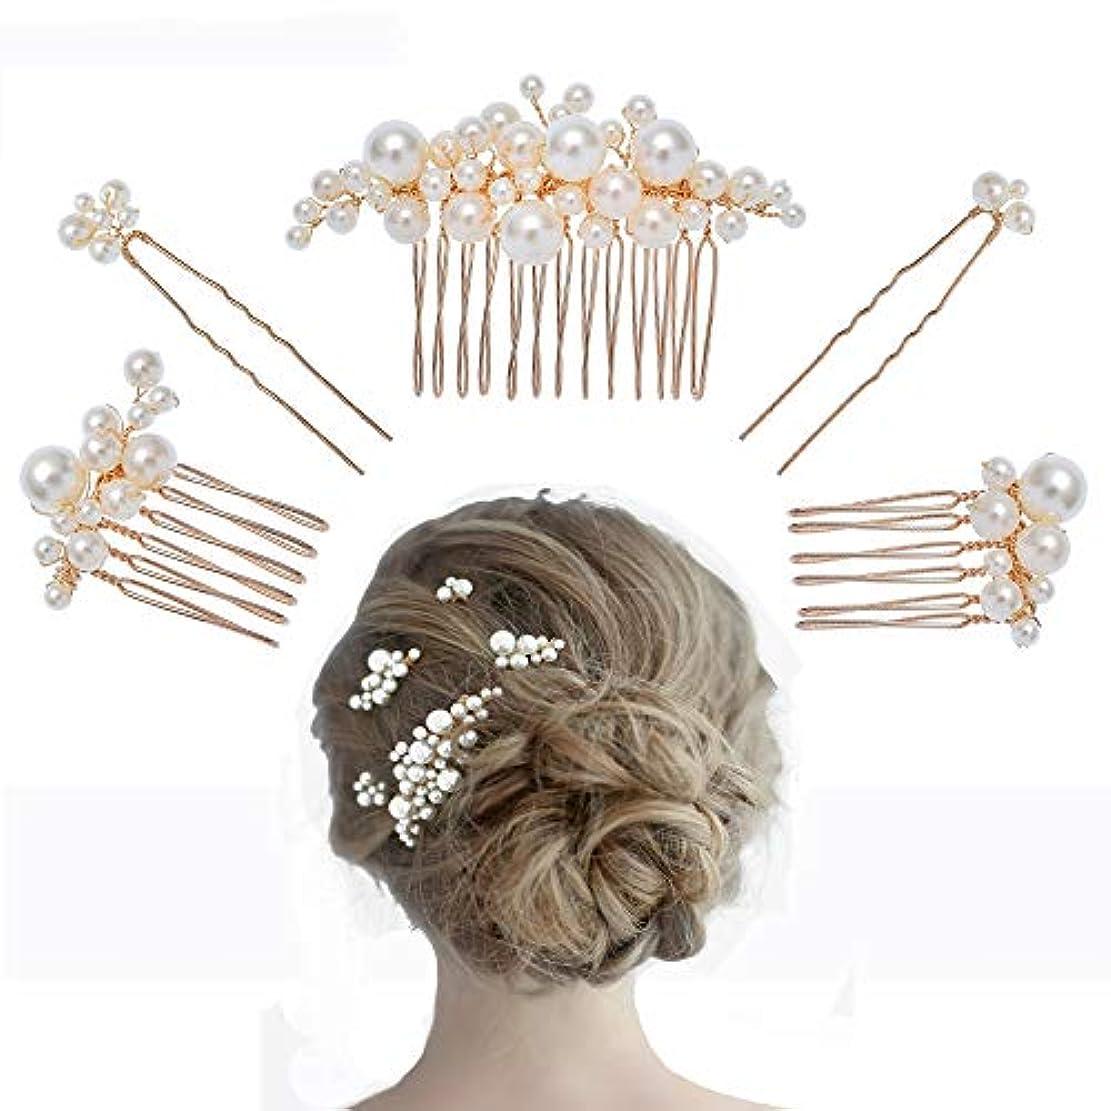 眉をひそめるマウスピース噴水SPOKKI パール 髪飾り ヘアアクセサリー ヘアピン 3種類 5本セット ウェディング 結婚式 卒業式 発表会